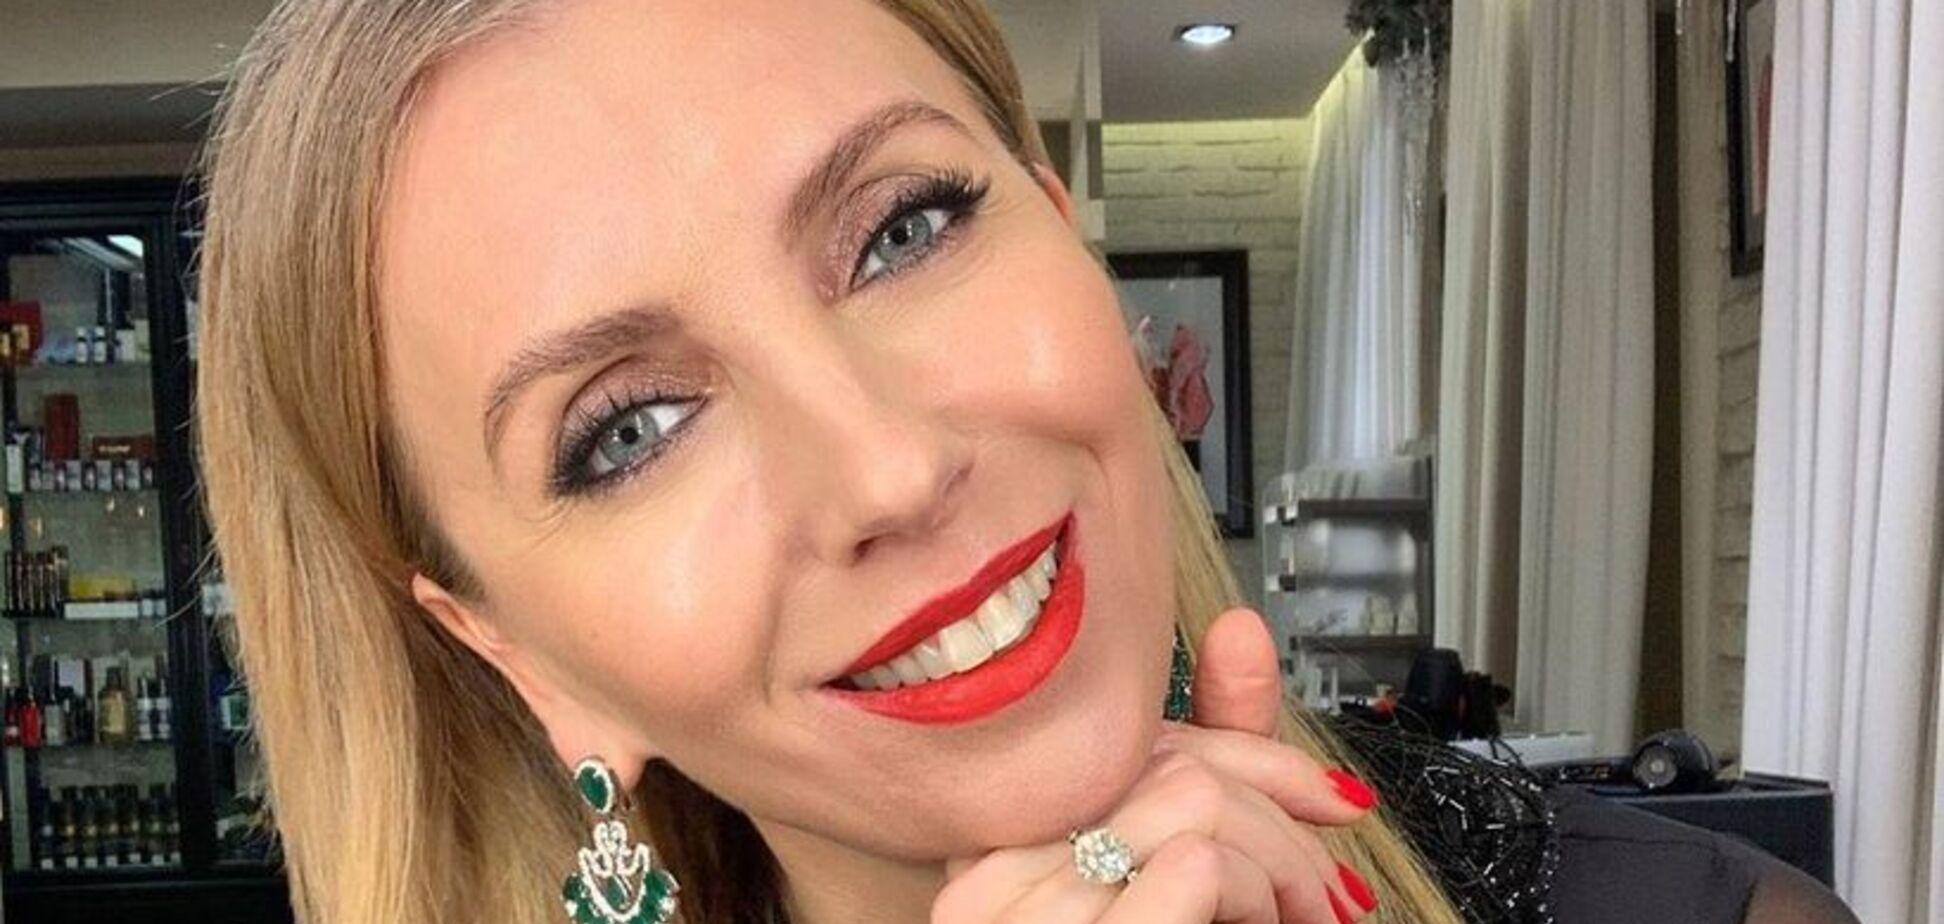 'Собчак поперхнулась': 51-летняя экс-жена Бондарчука впечатлила сочными формами